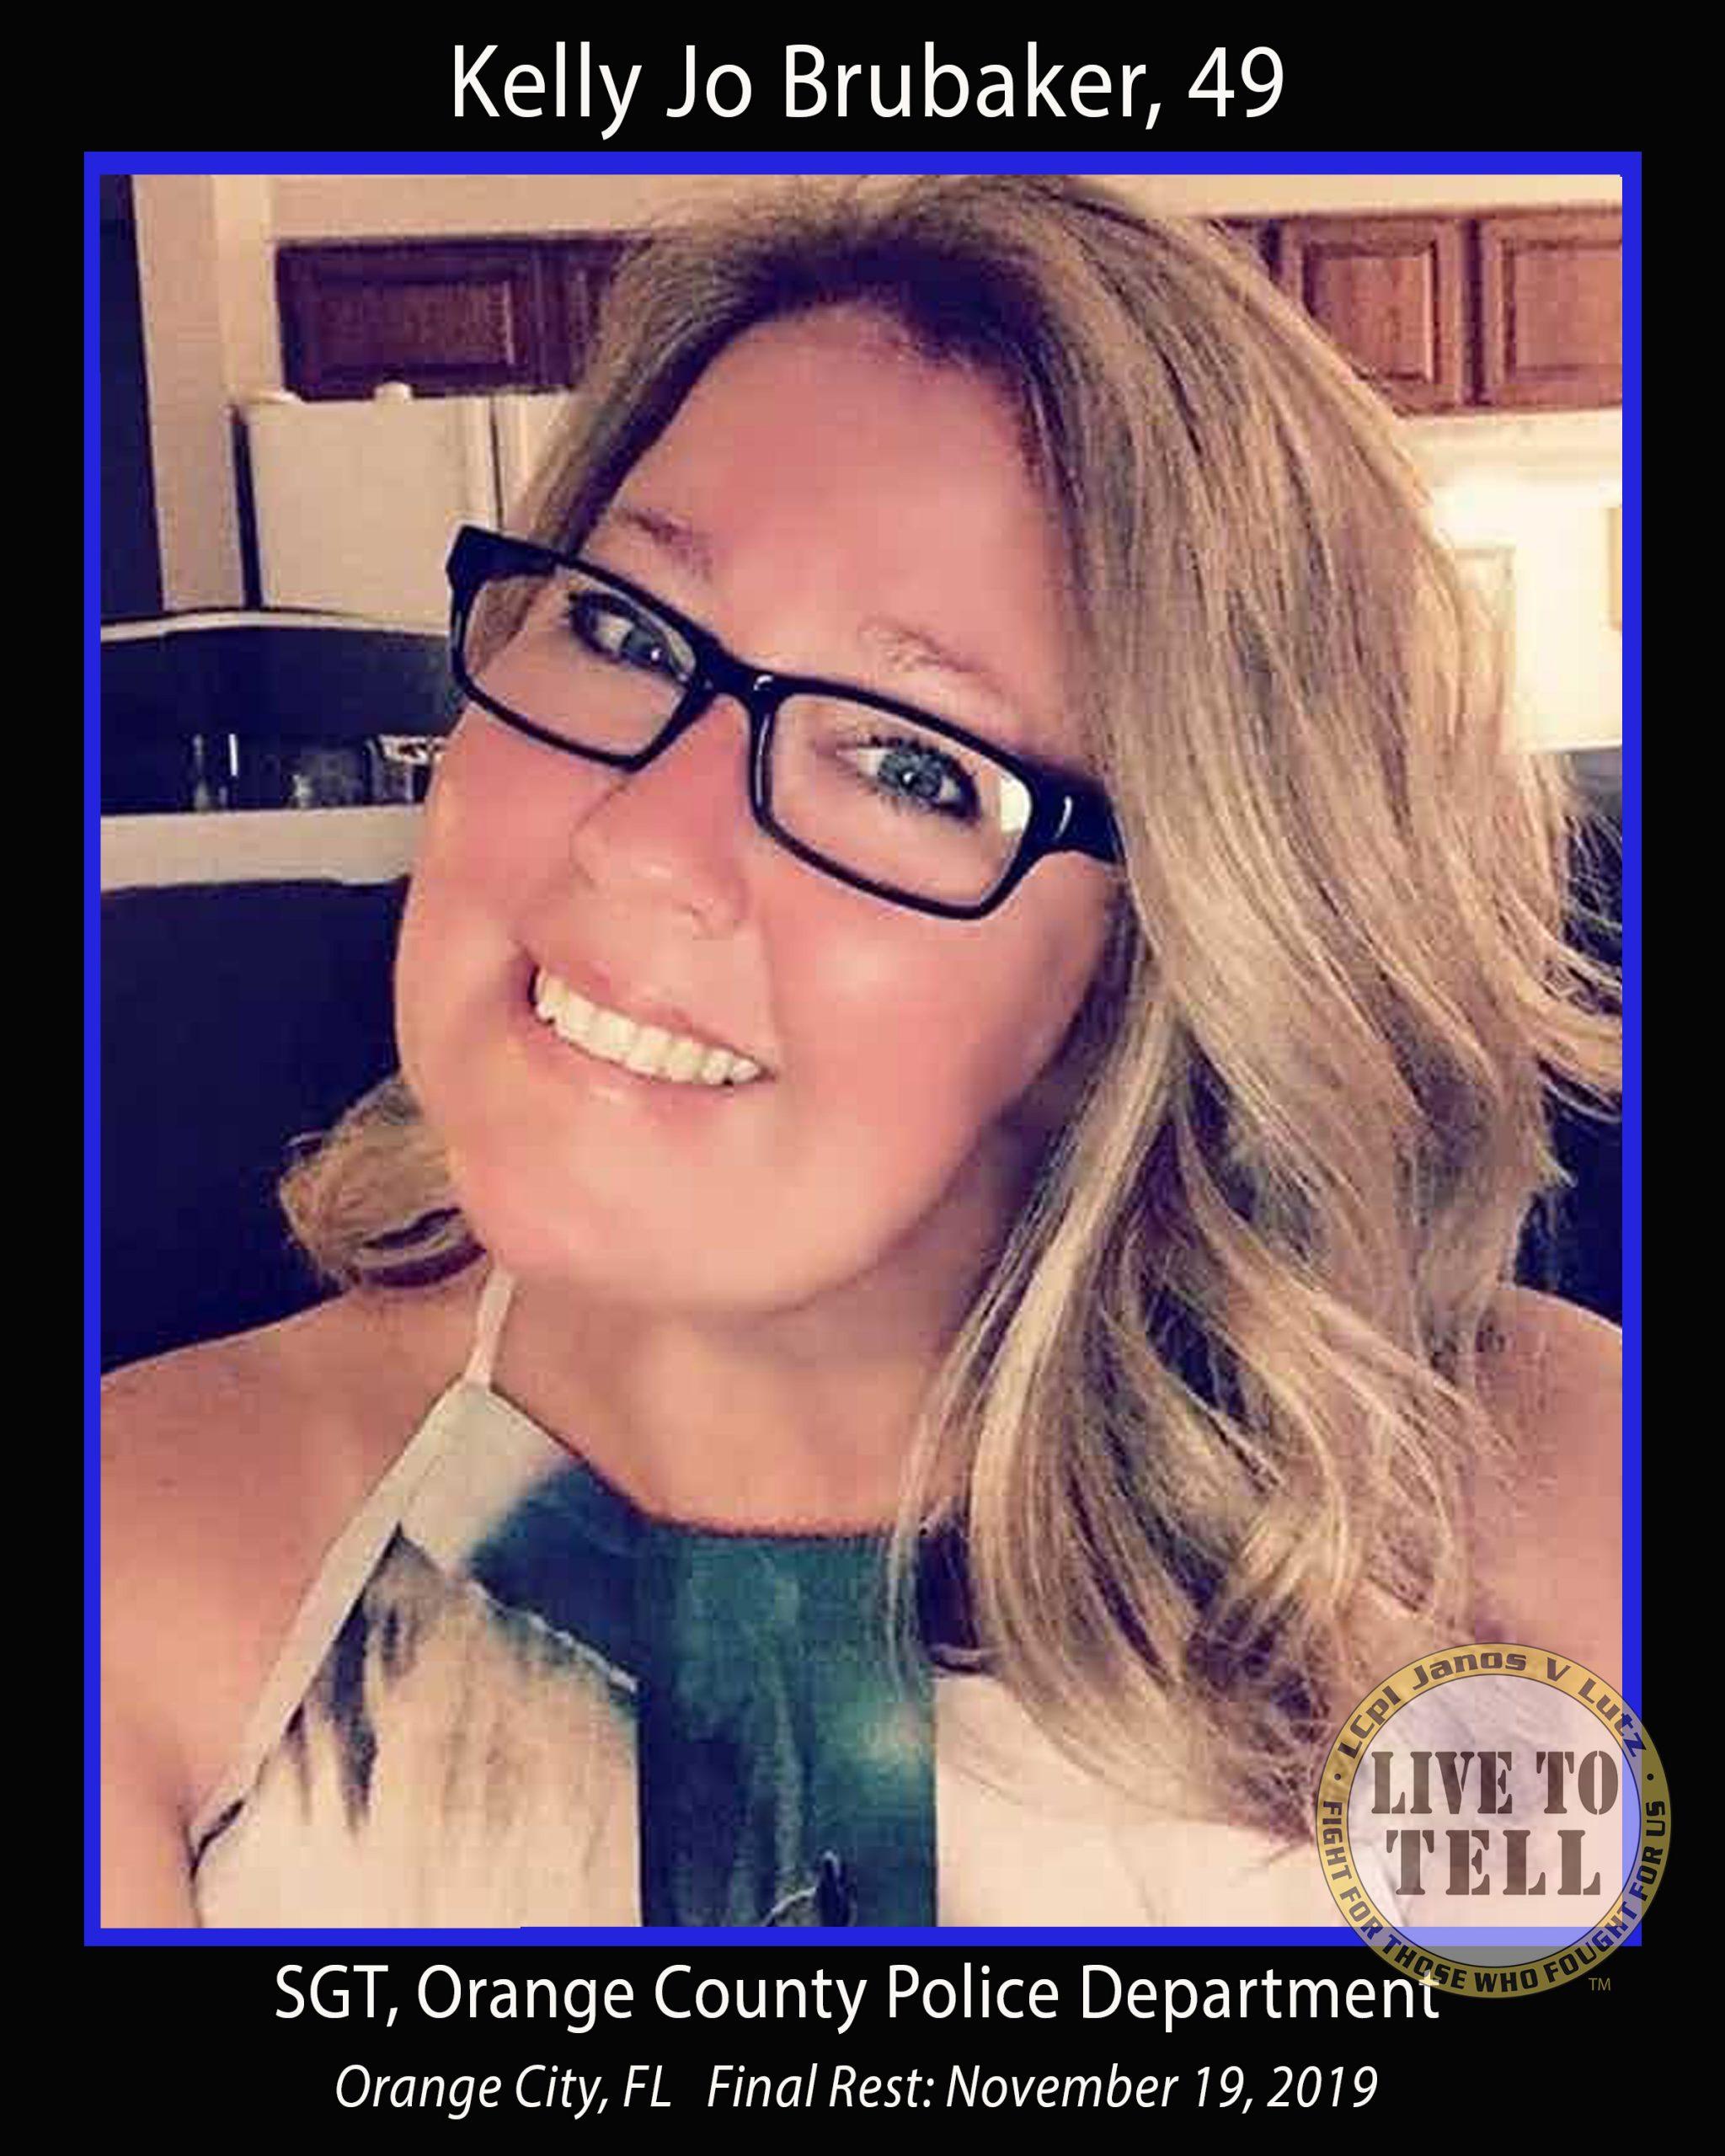 Kelly Jo Brubaker, 49